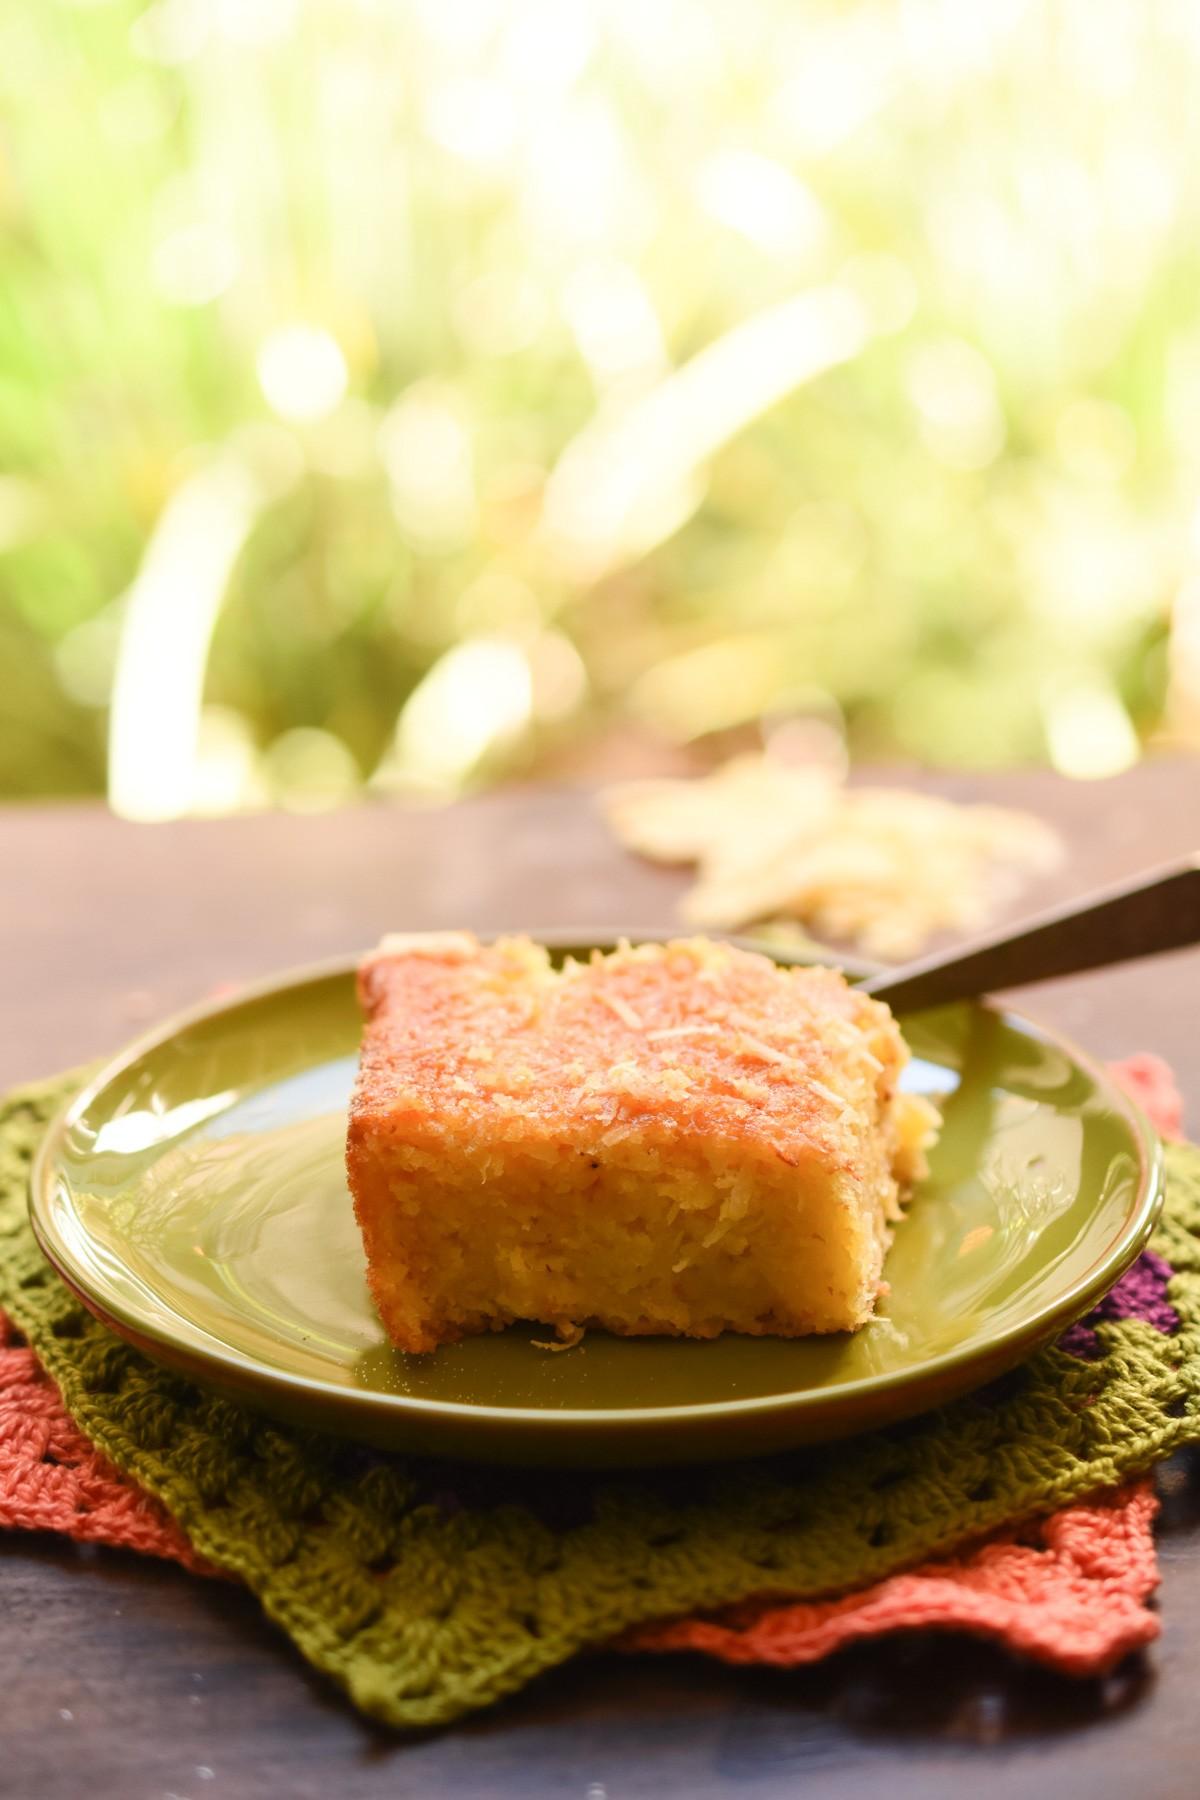 Aprenda a fazer um bolo de milho sem farinha e deixe a festa junina mais leve